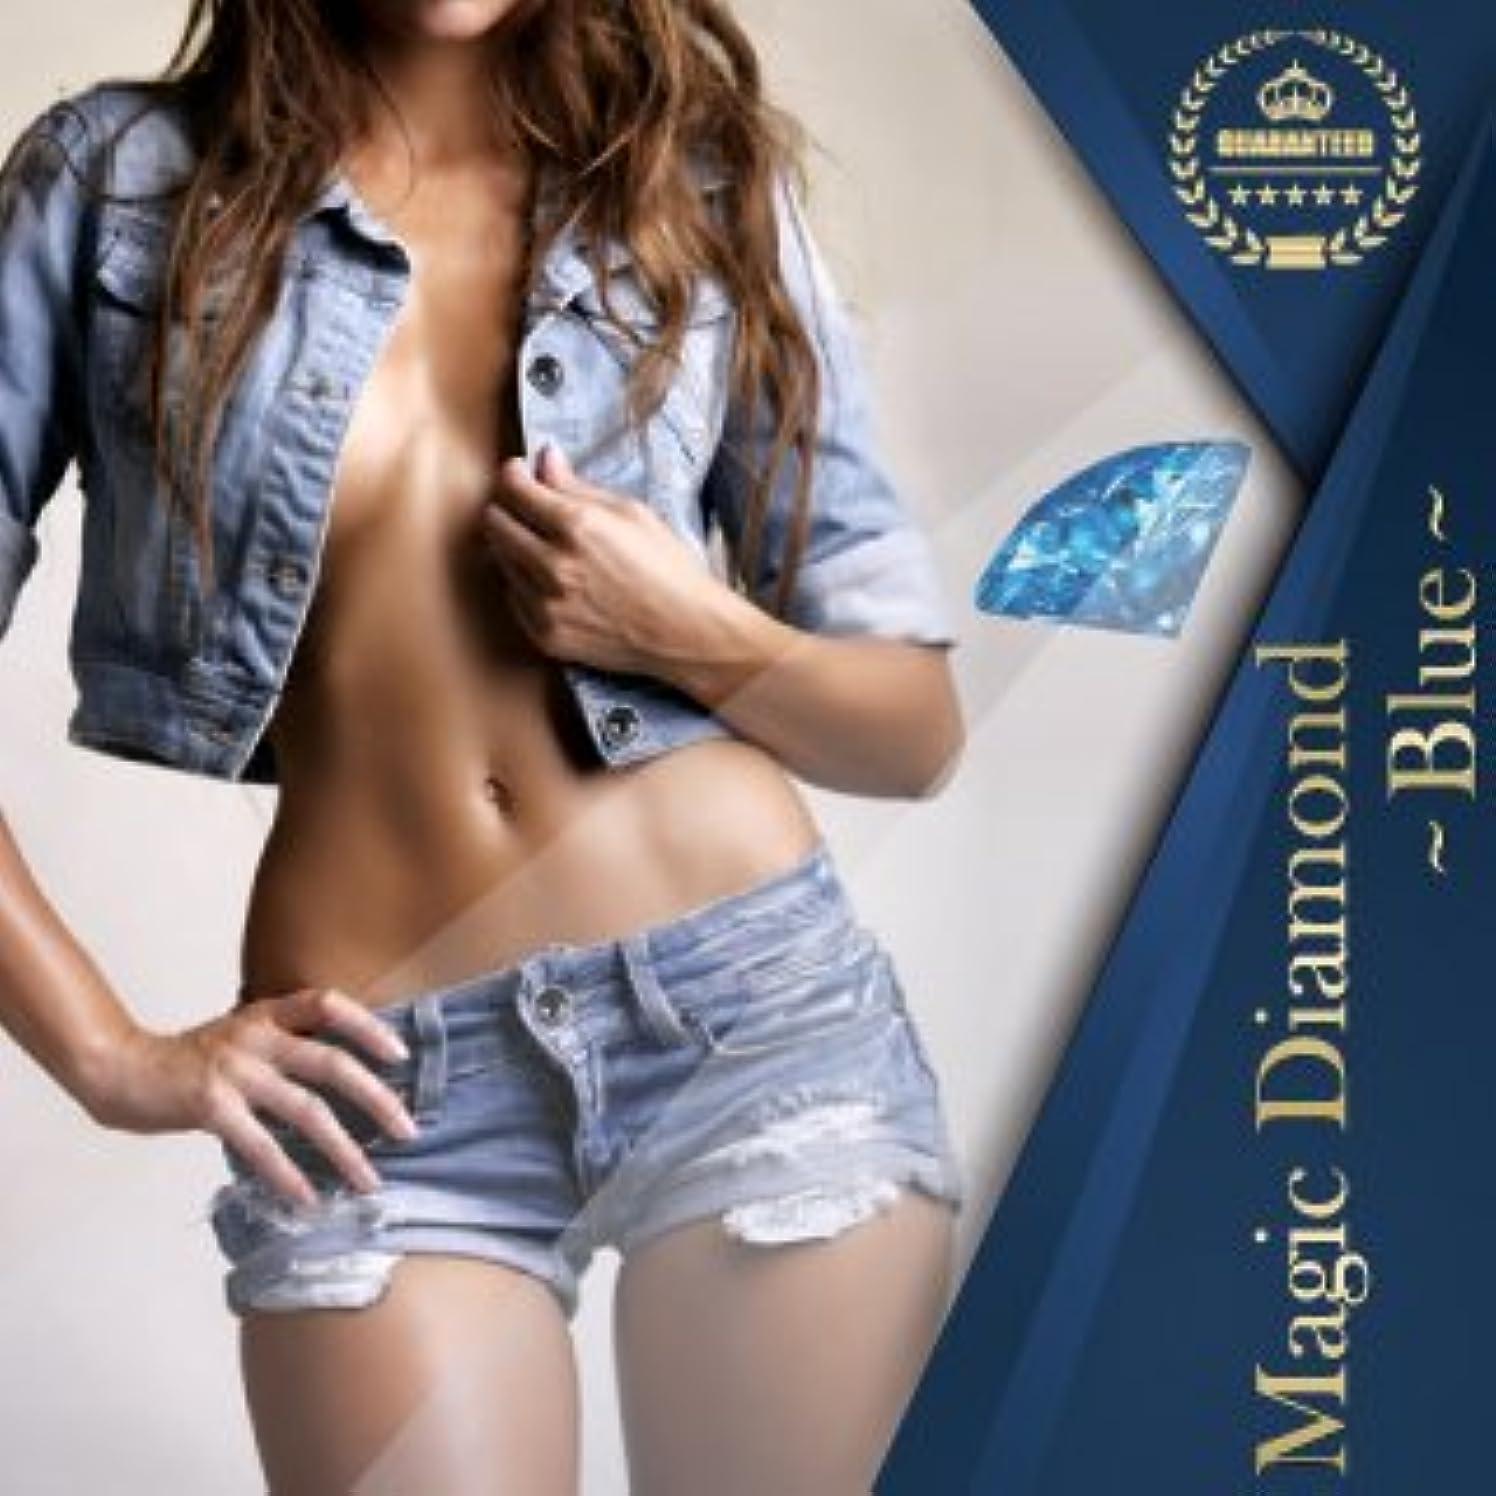 ゴールド師匠時代Magic Diamond Blue マジックダイアモンドブルー 2個セット Magic Diamond Blue